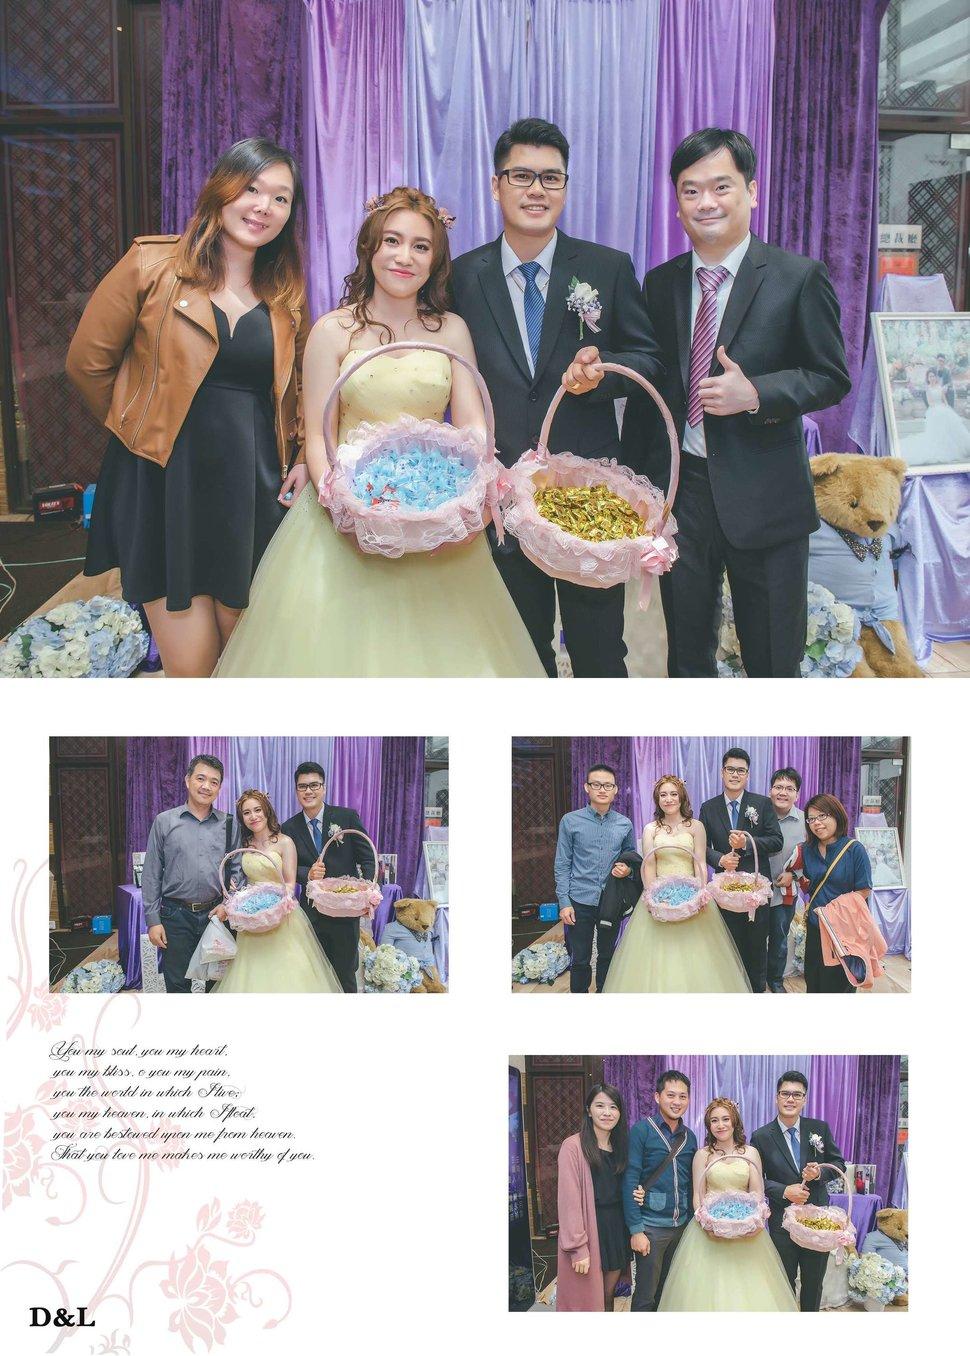 41 - D&L 婚禮事務-婚紗攝影/婚禮記錄 - 結婚吧